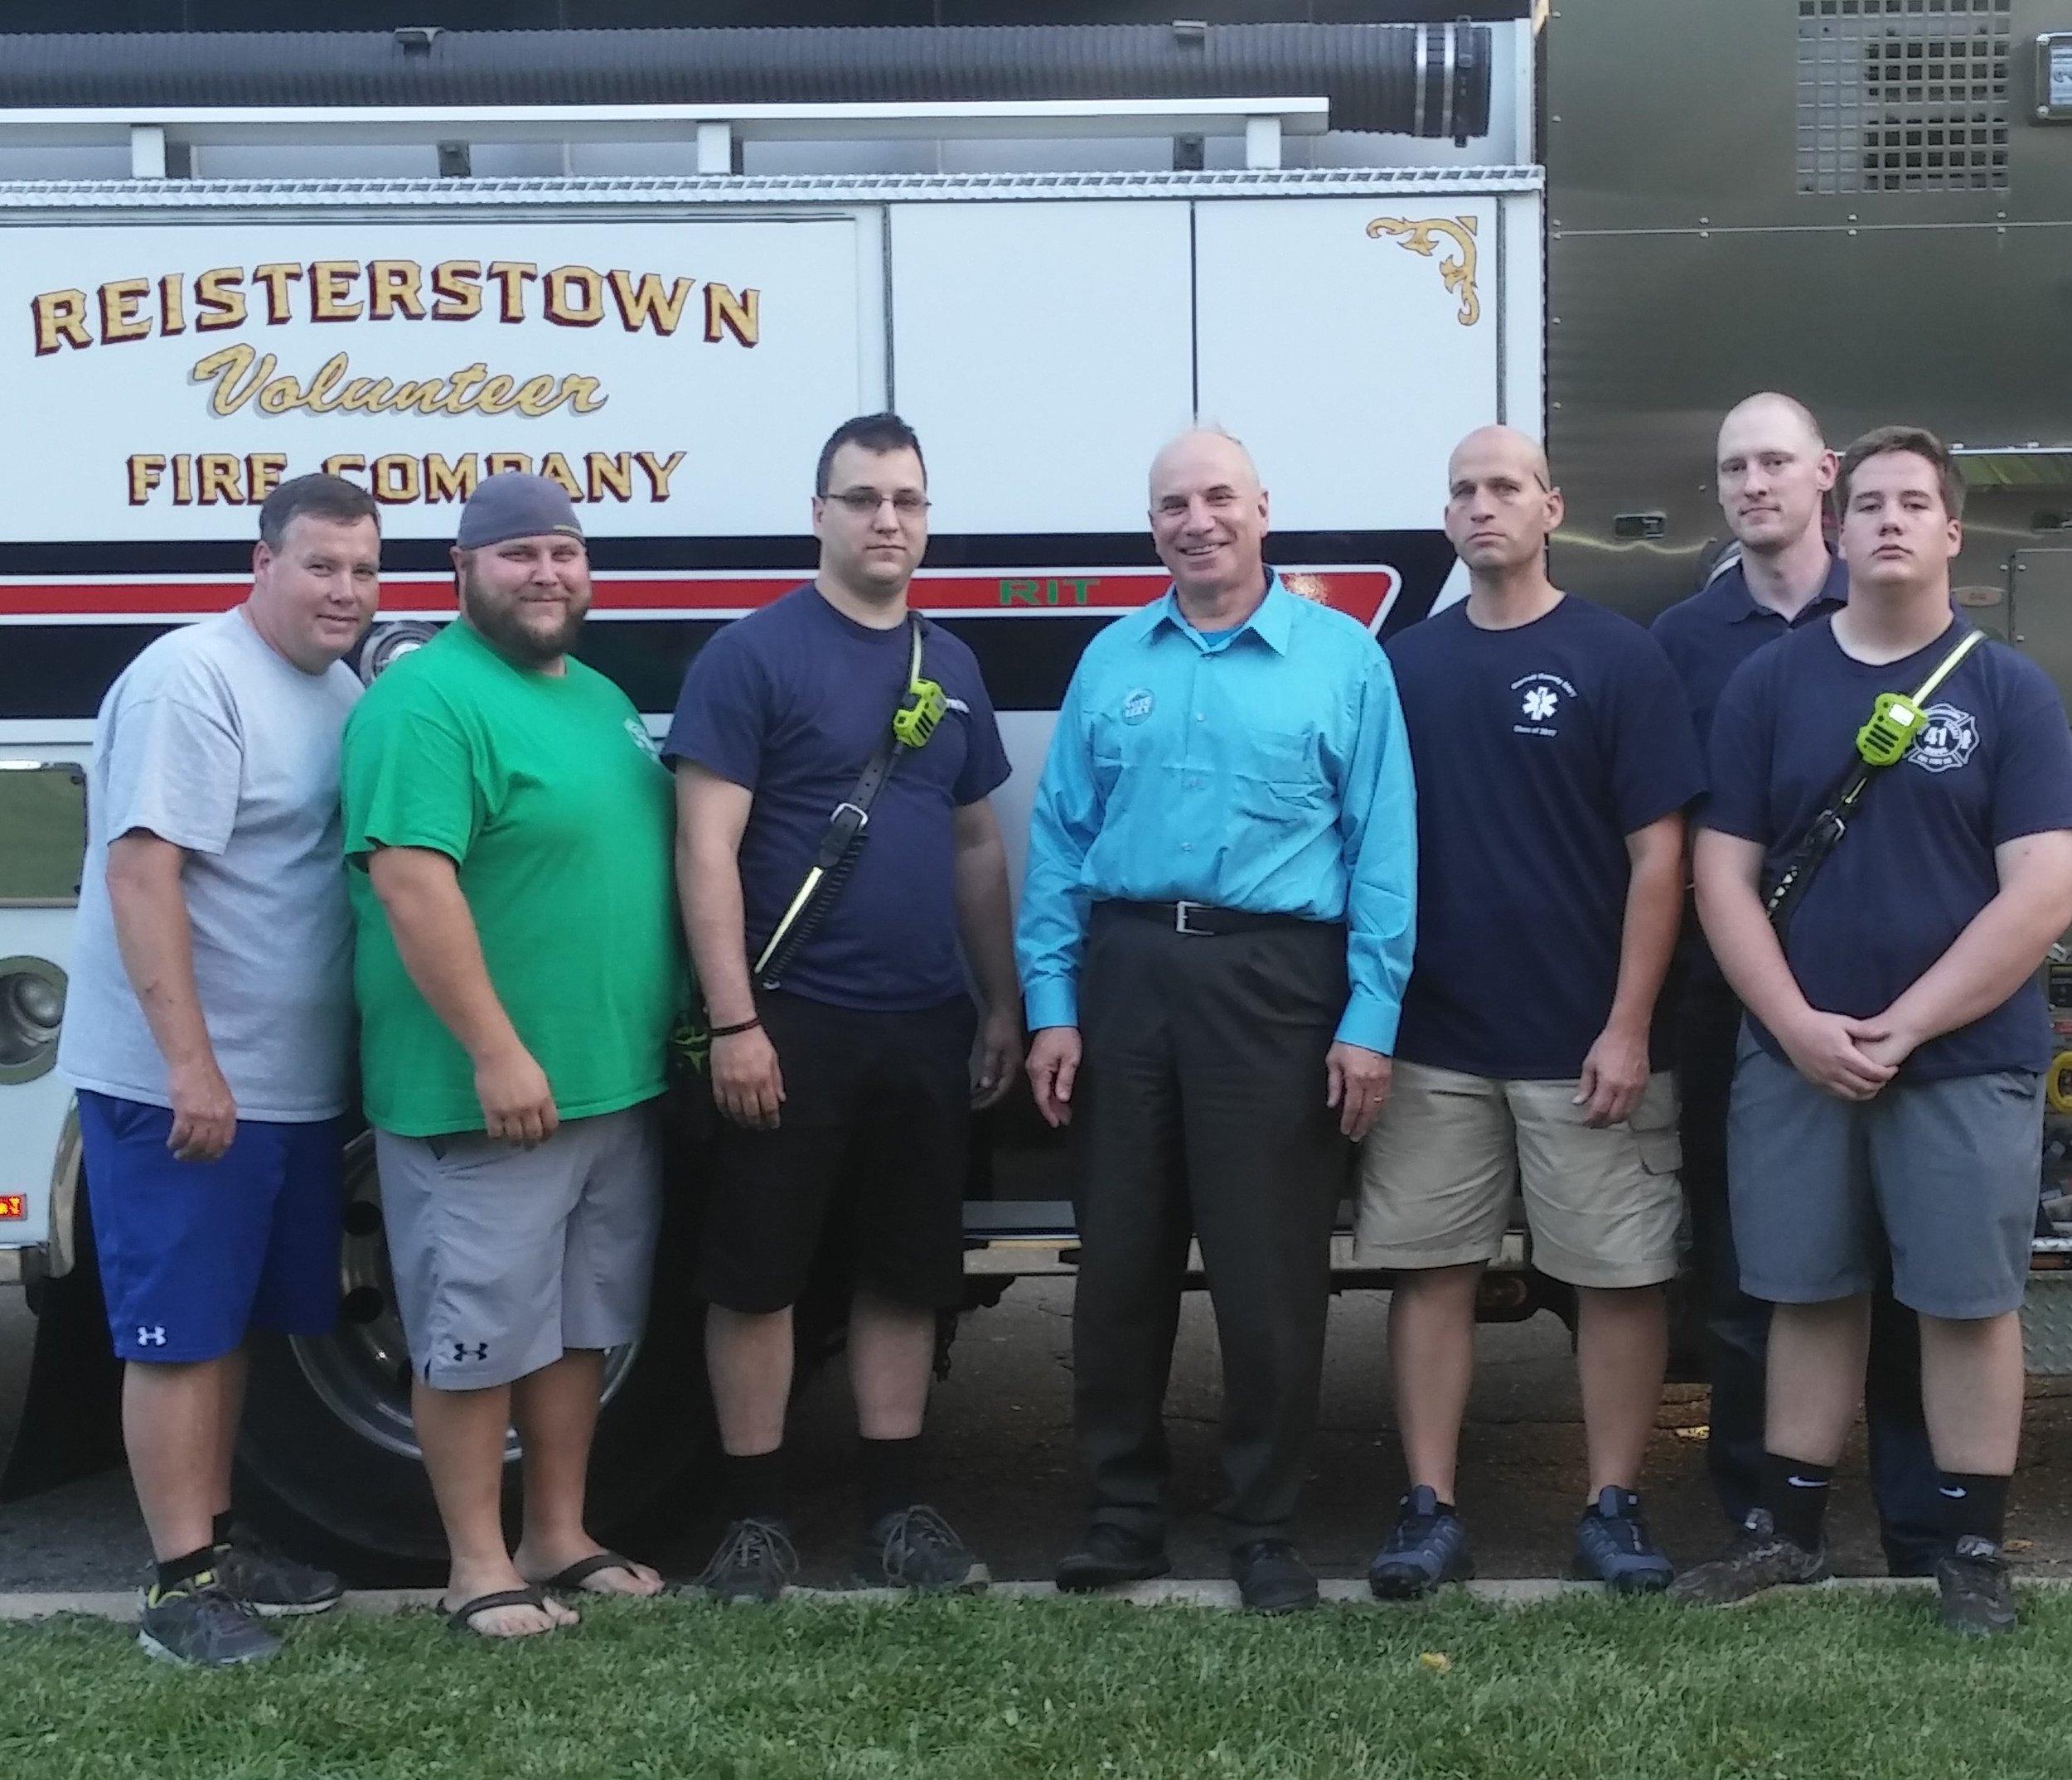 reisterstown fire company.jpg